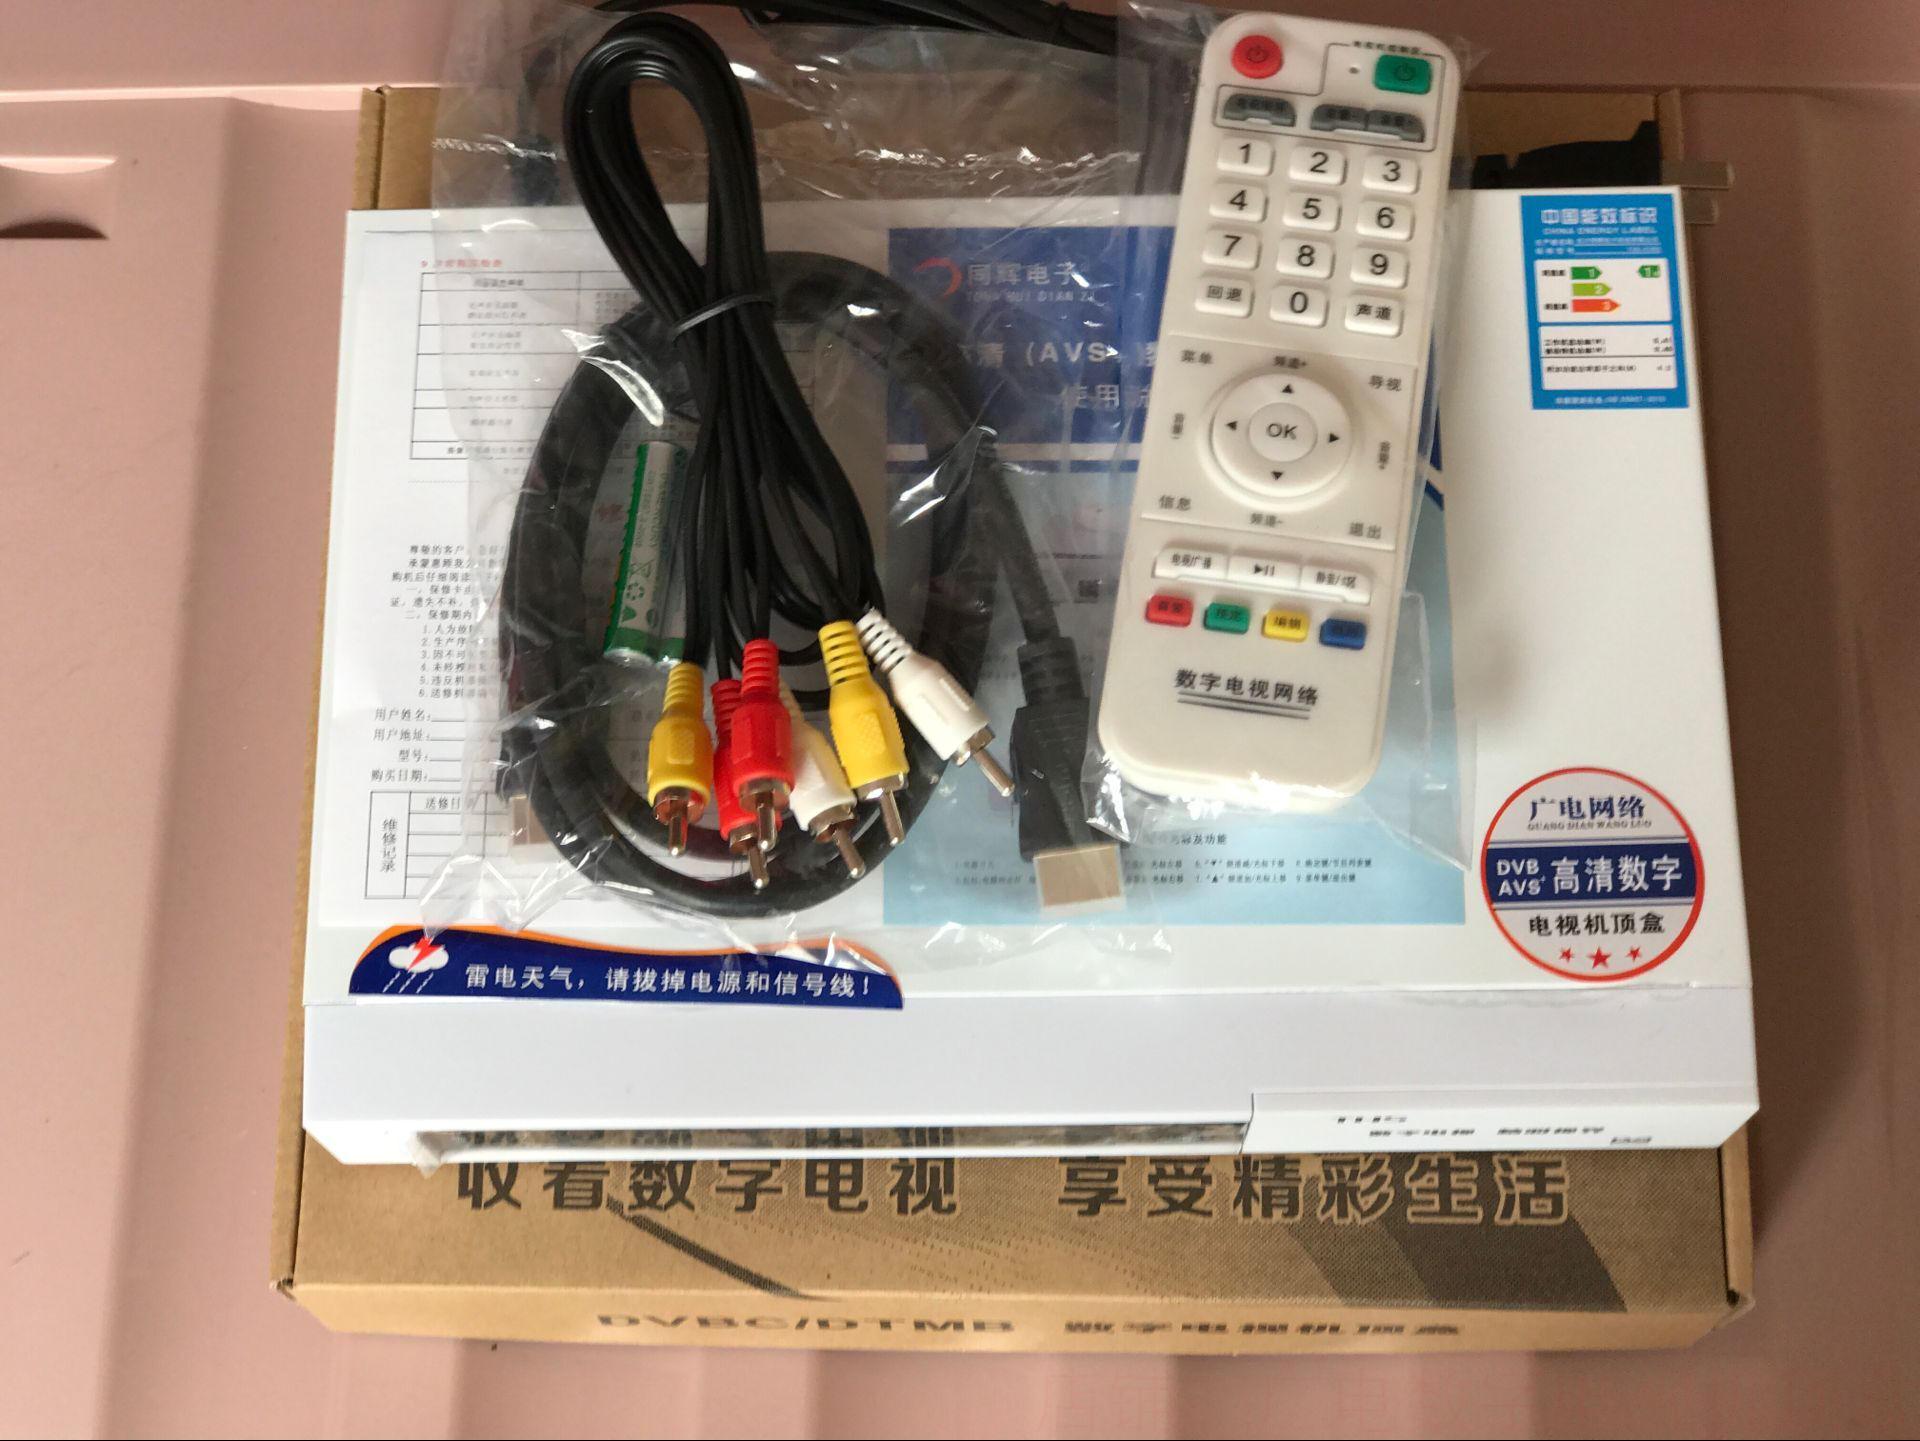 hight resolution of dongguan radio and television hd digital cable tv set top box dongguan cable set top box